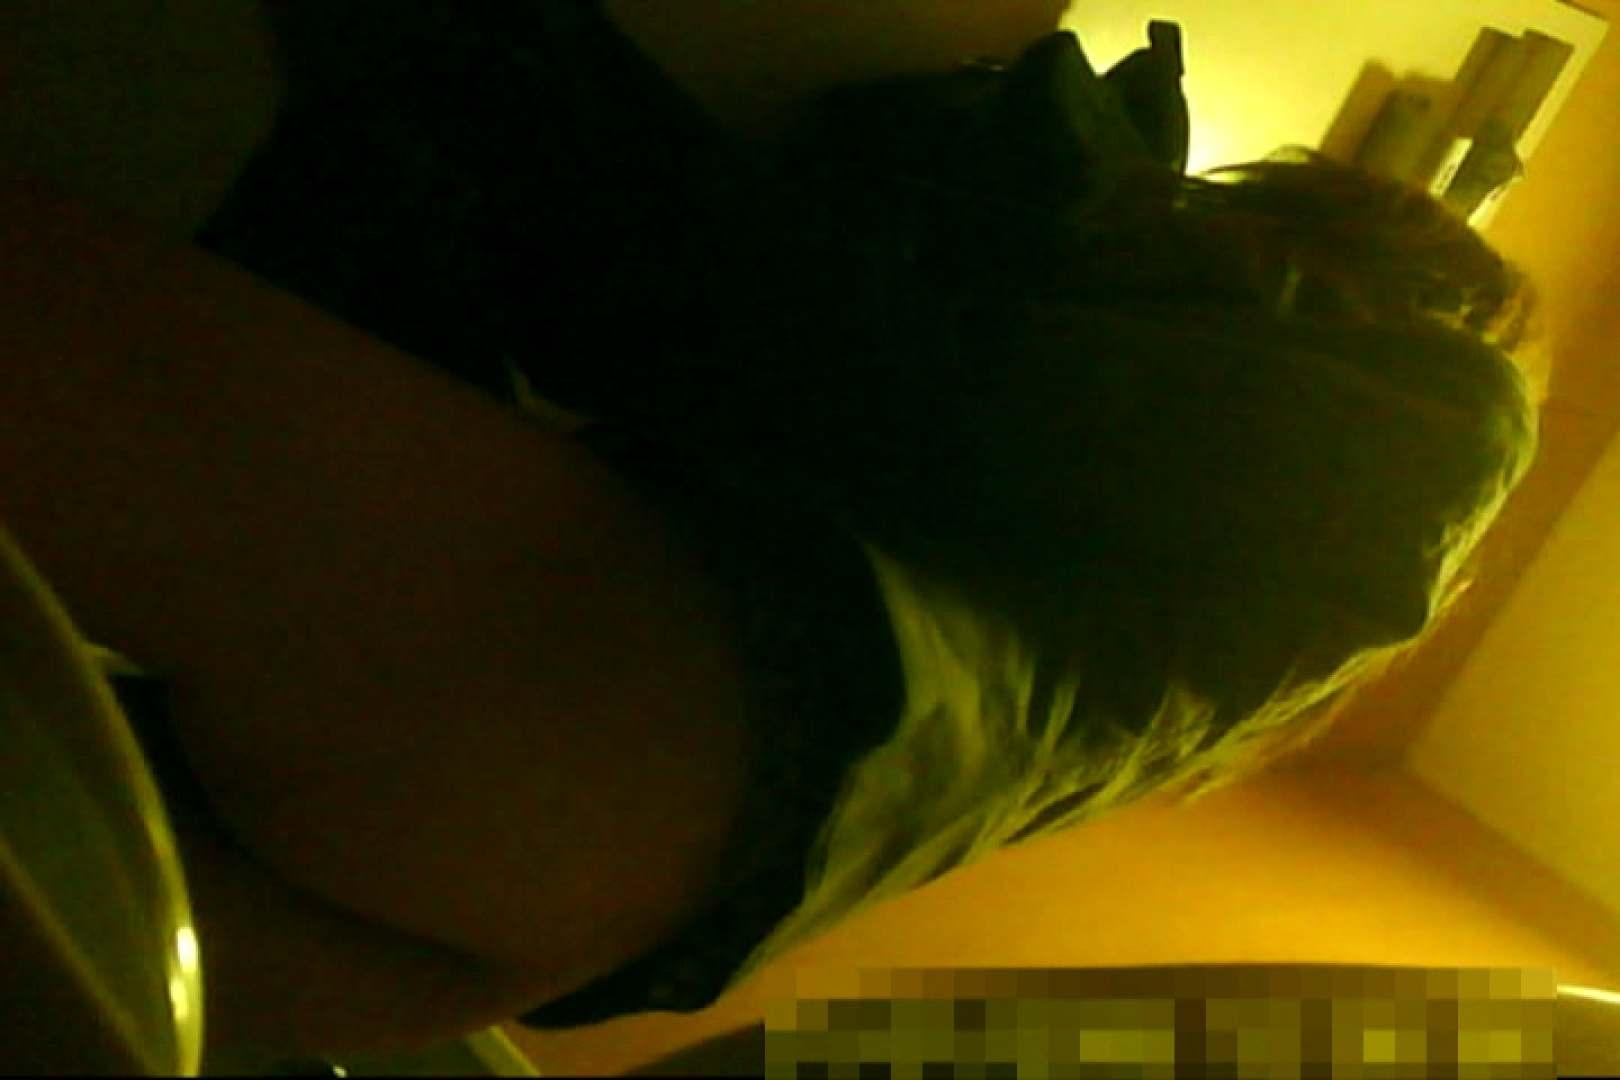 魅惑の化粧室~禁断のプライベート空間~19 すけべなお姉さん AV動画キャプチャ 84画像 14